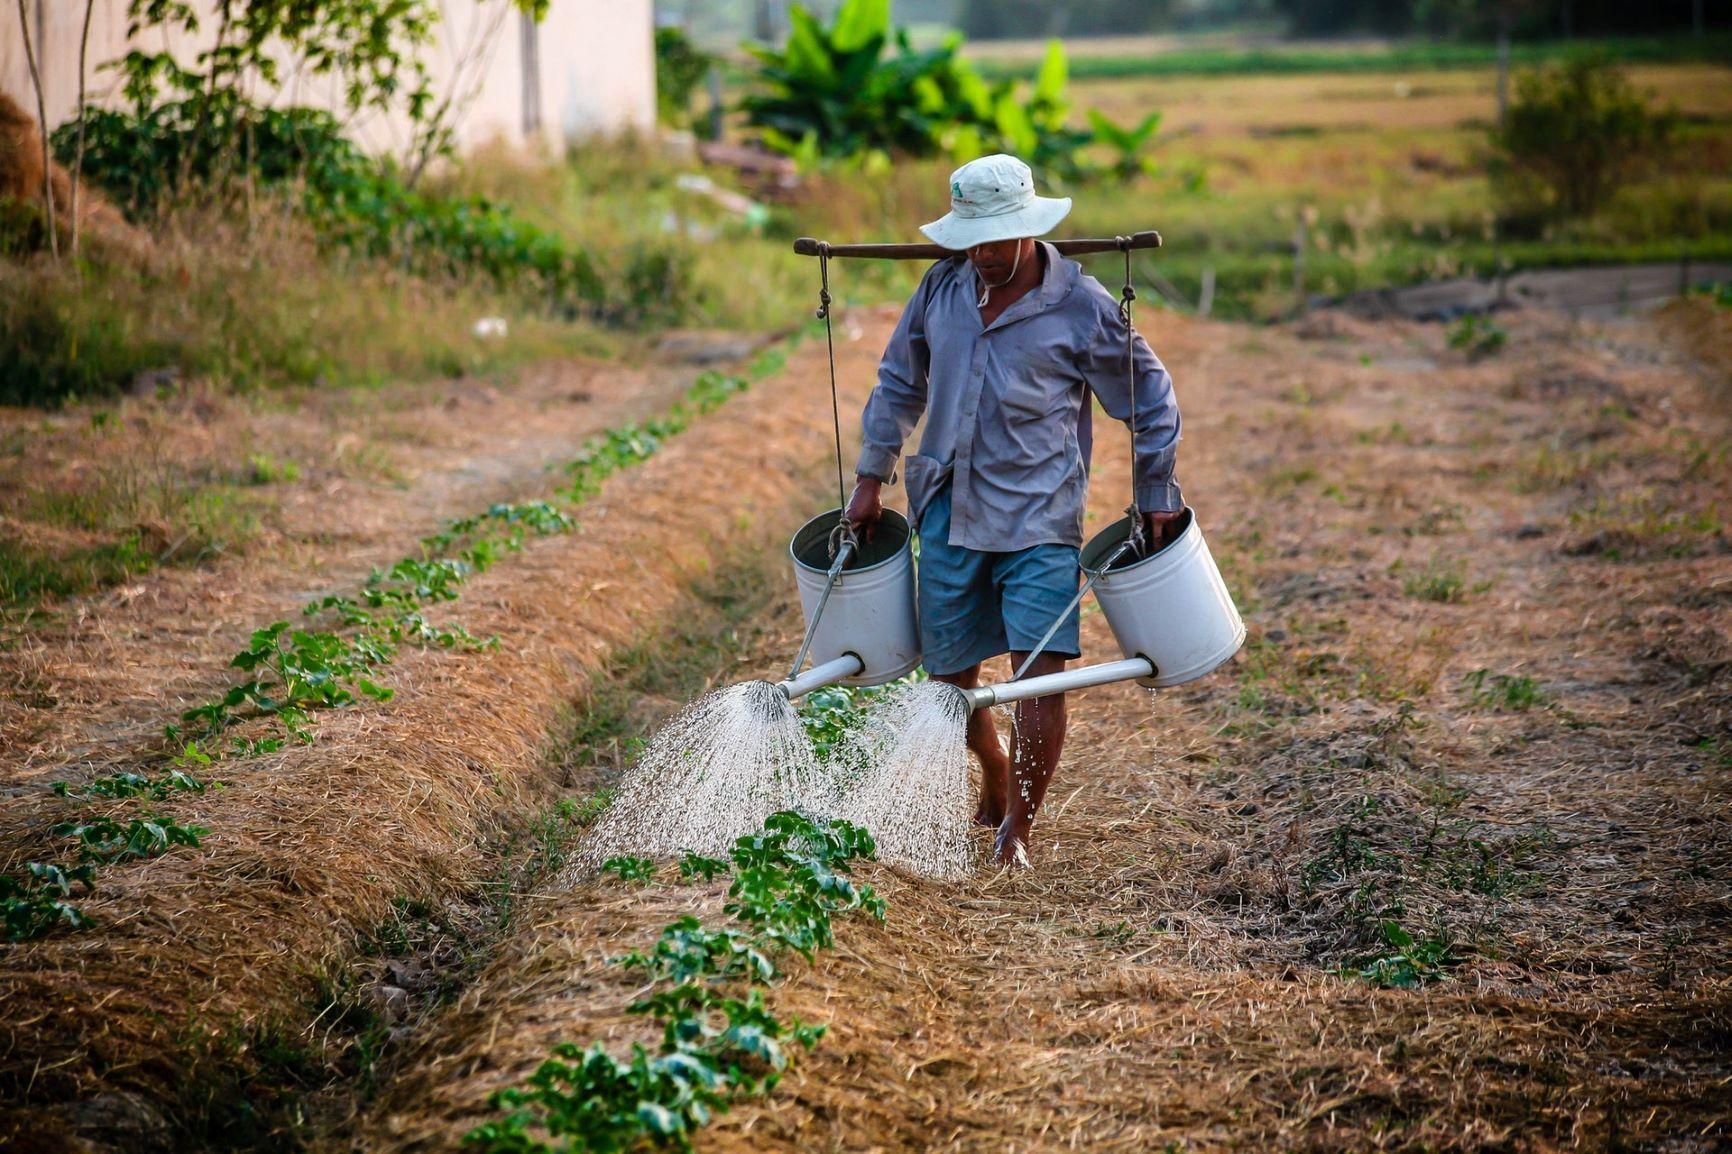 غوركم الأردنيّة تعزز أرباح صغار المزارعين عبر التكنولوجيا